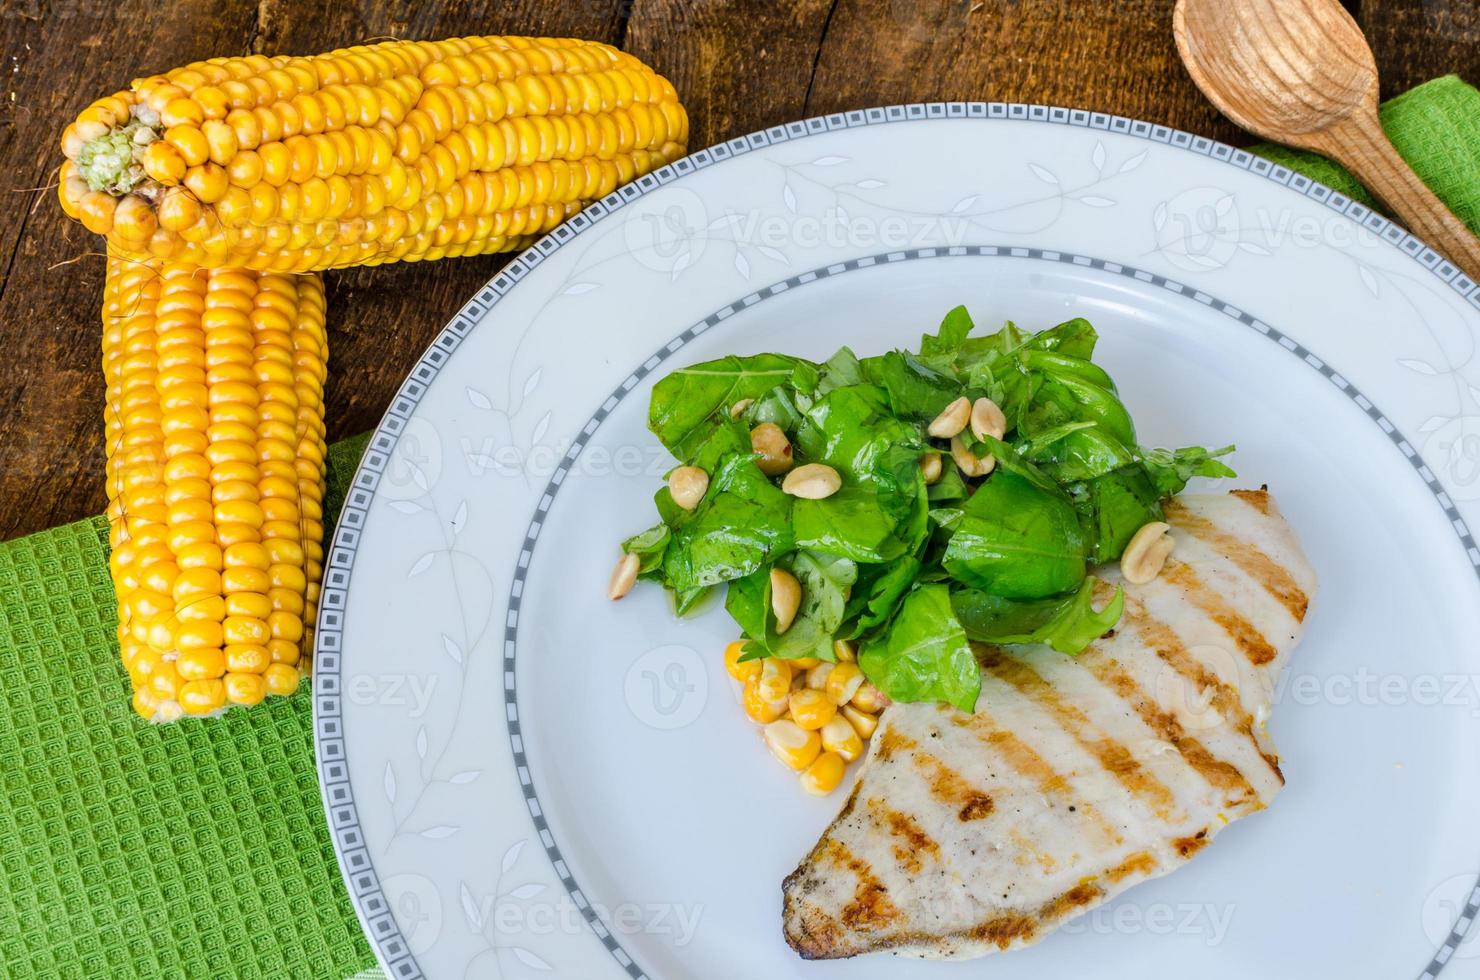 steak de poulet à l'ail et au citron, salade photo